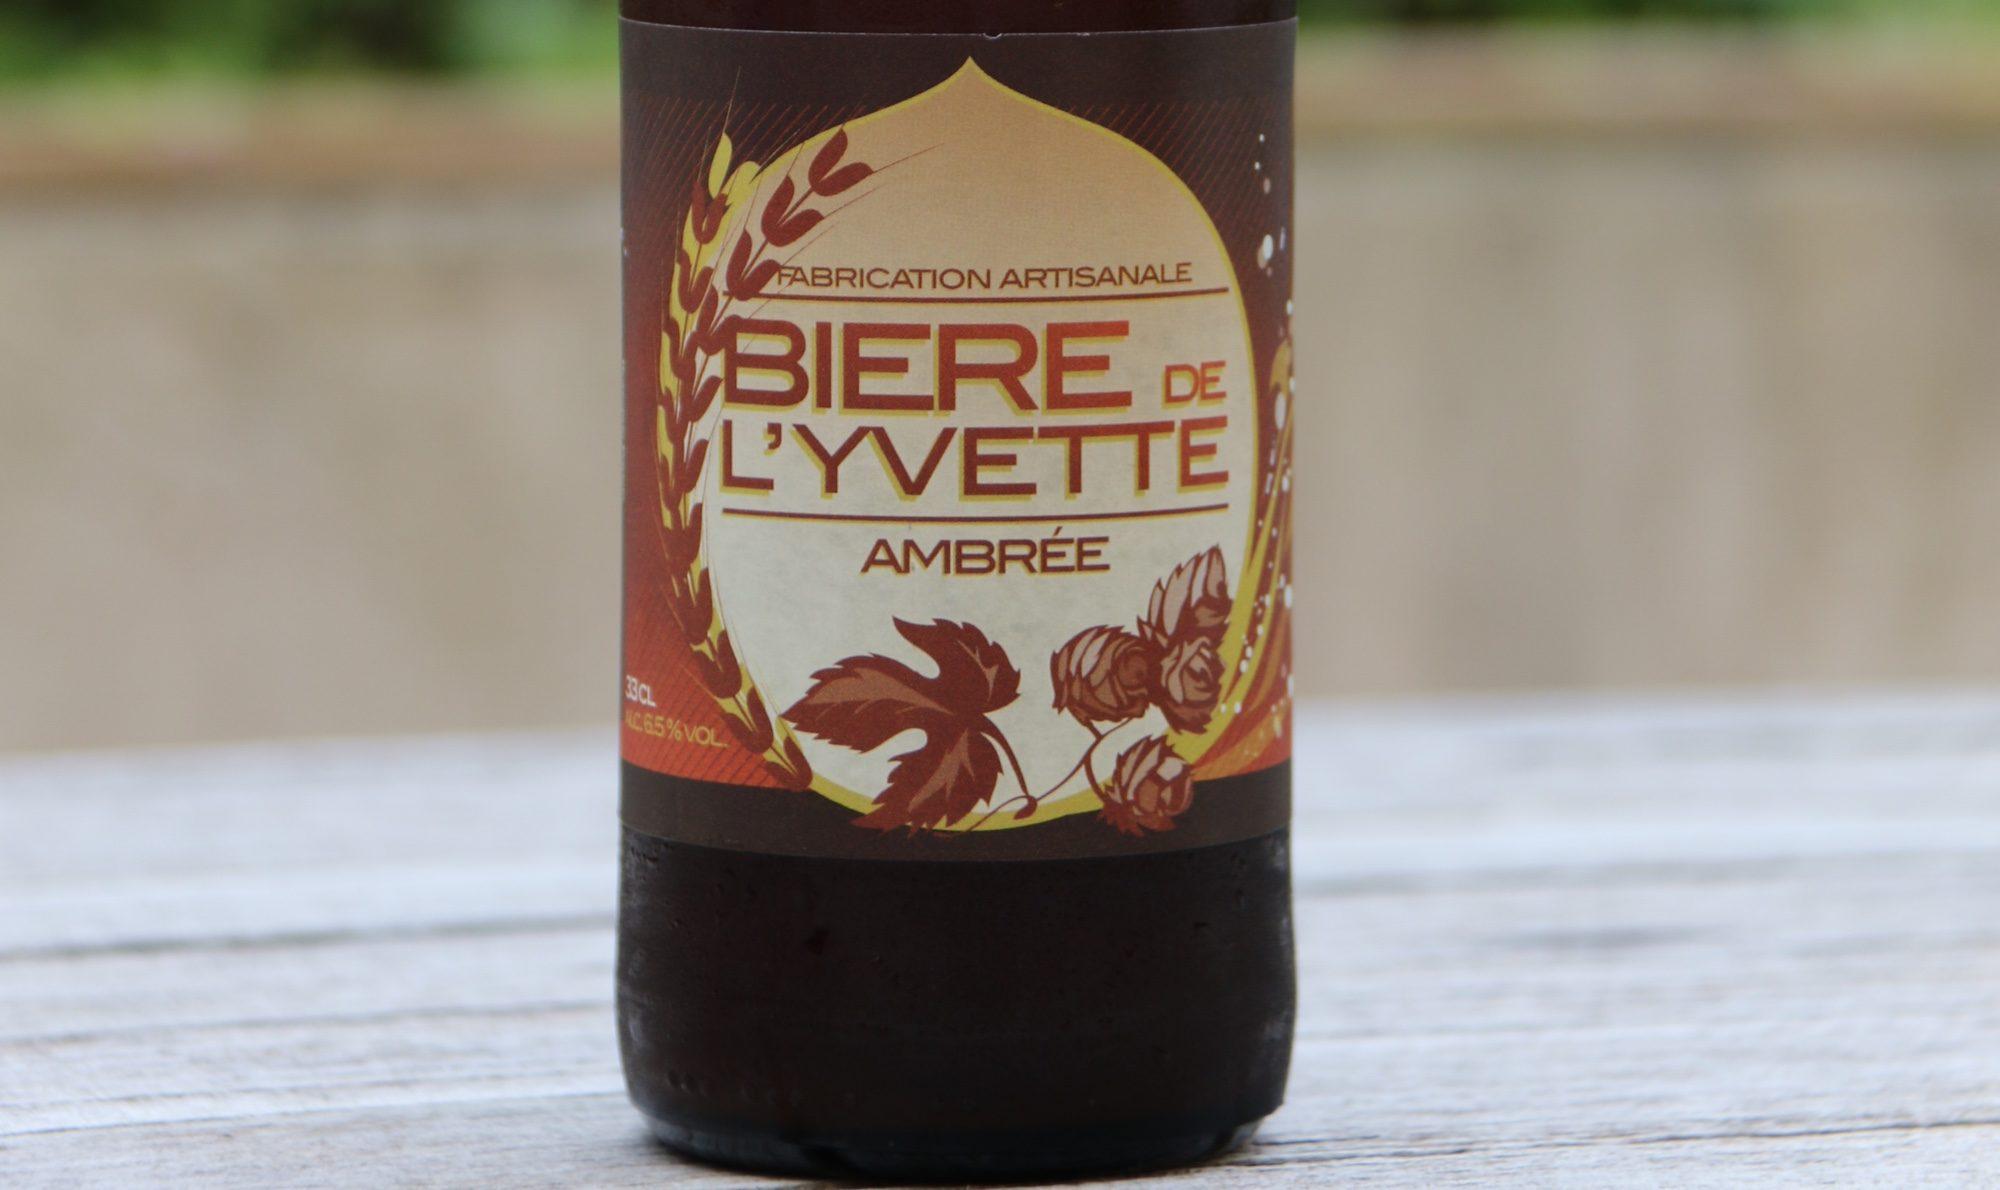 Bière de l'Yvette Ambrée